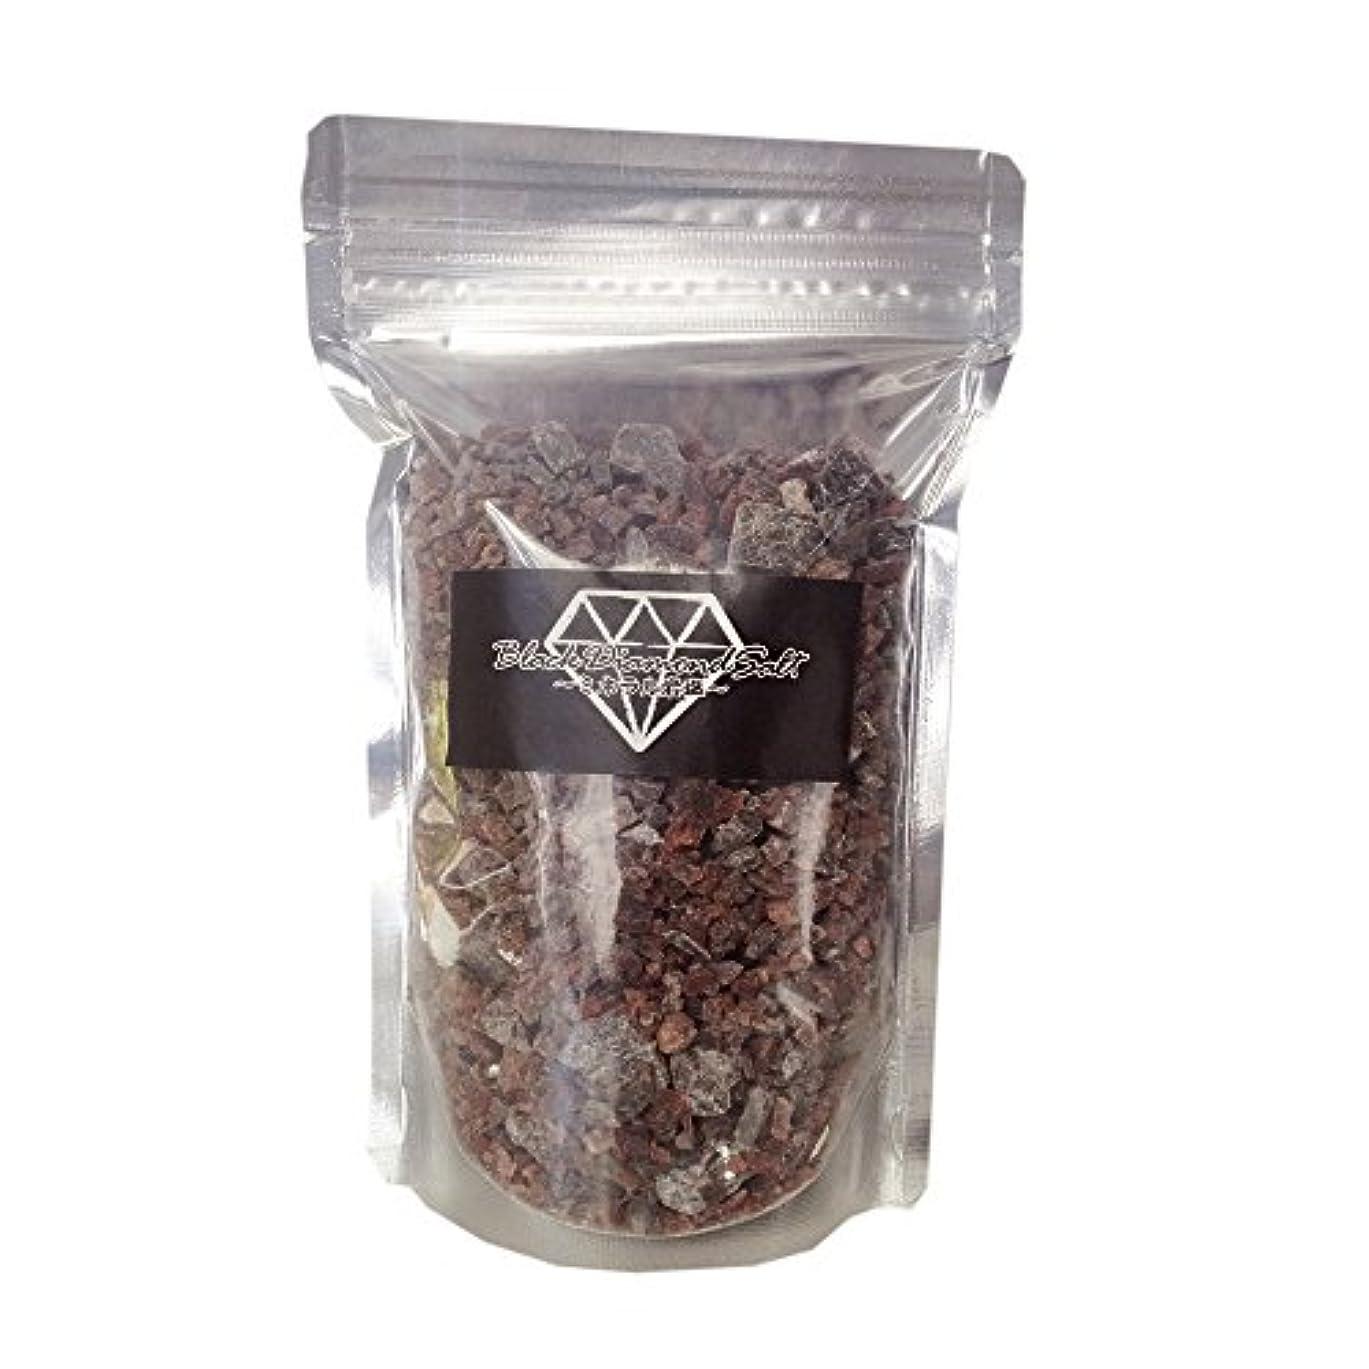 バーベキュー迫害する豊富温活用 お風呂用ブラックダイヤソルト岩塩450g(15回分)